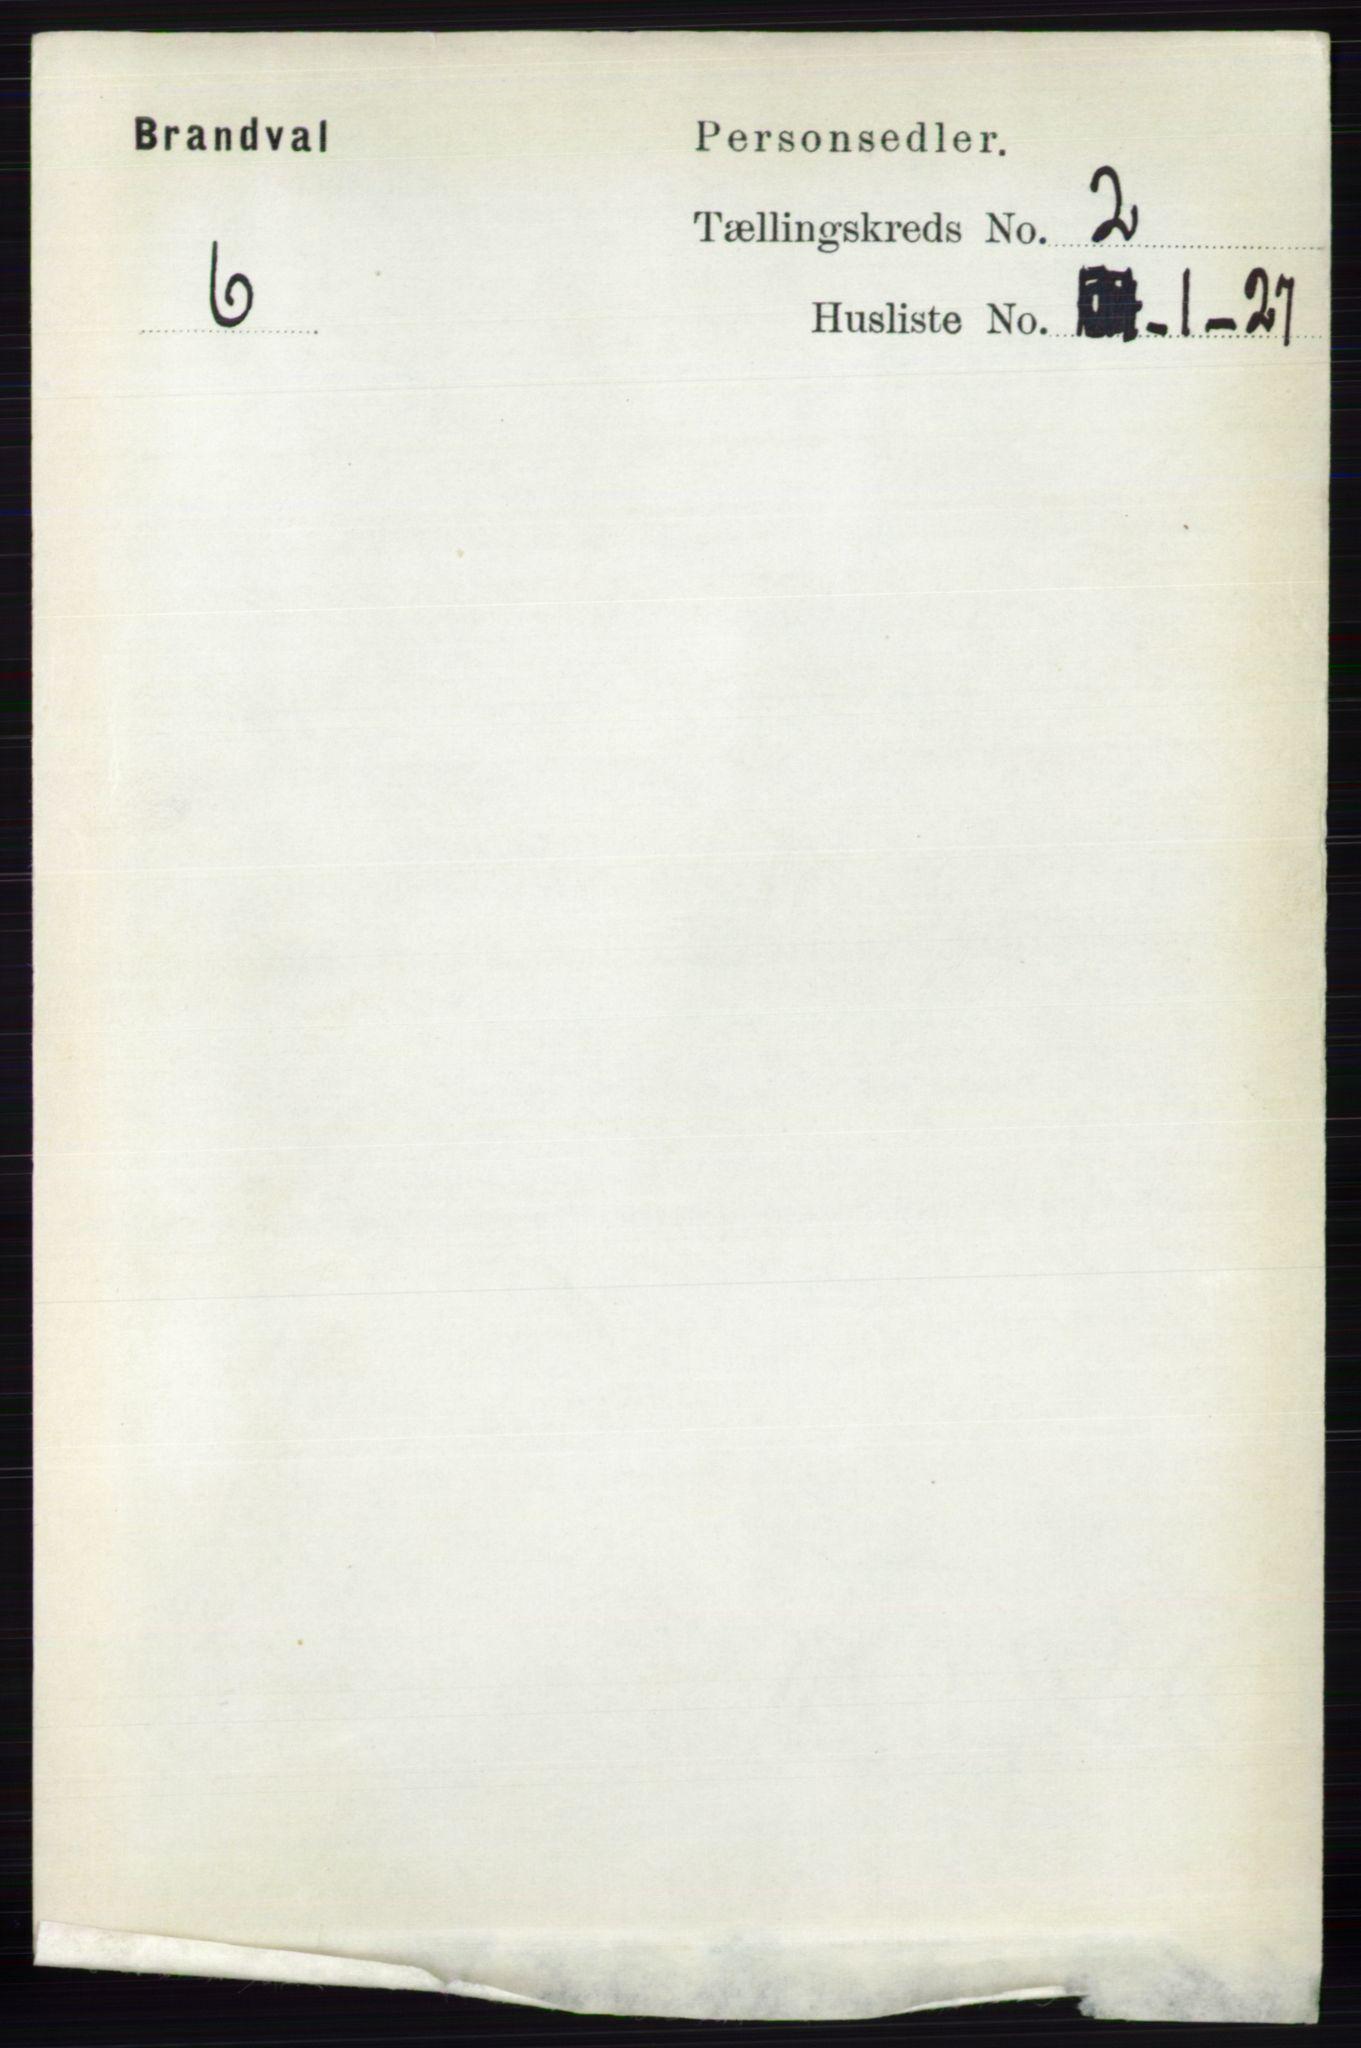 RA, Folketelling 1891 for 0422 Brandval herred, 1891, s. 740